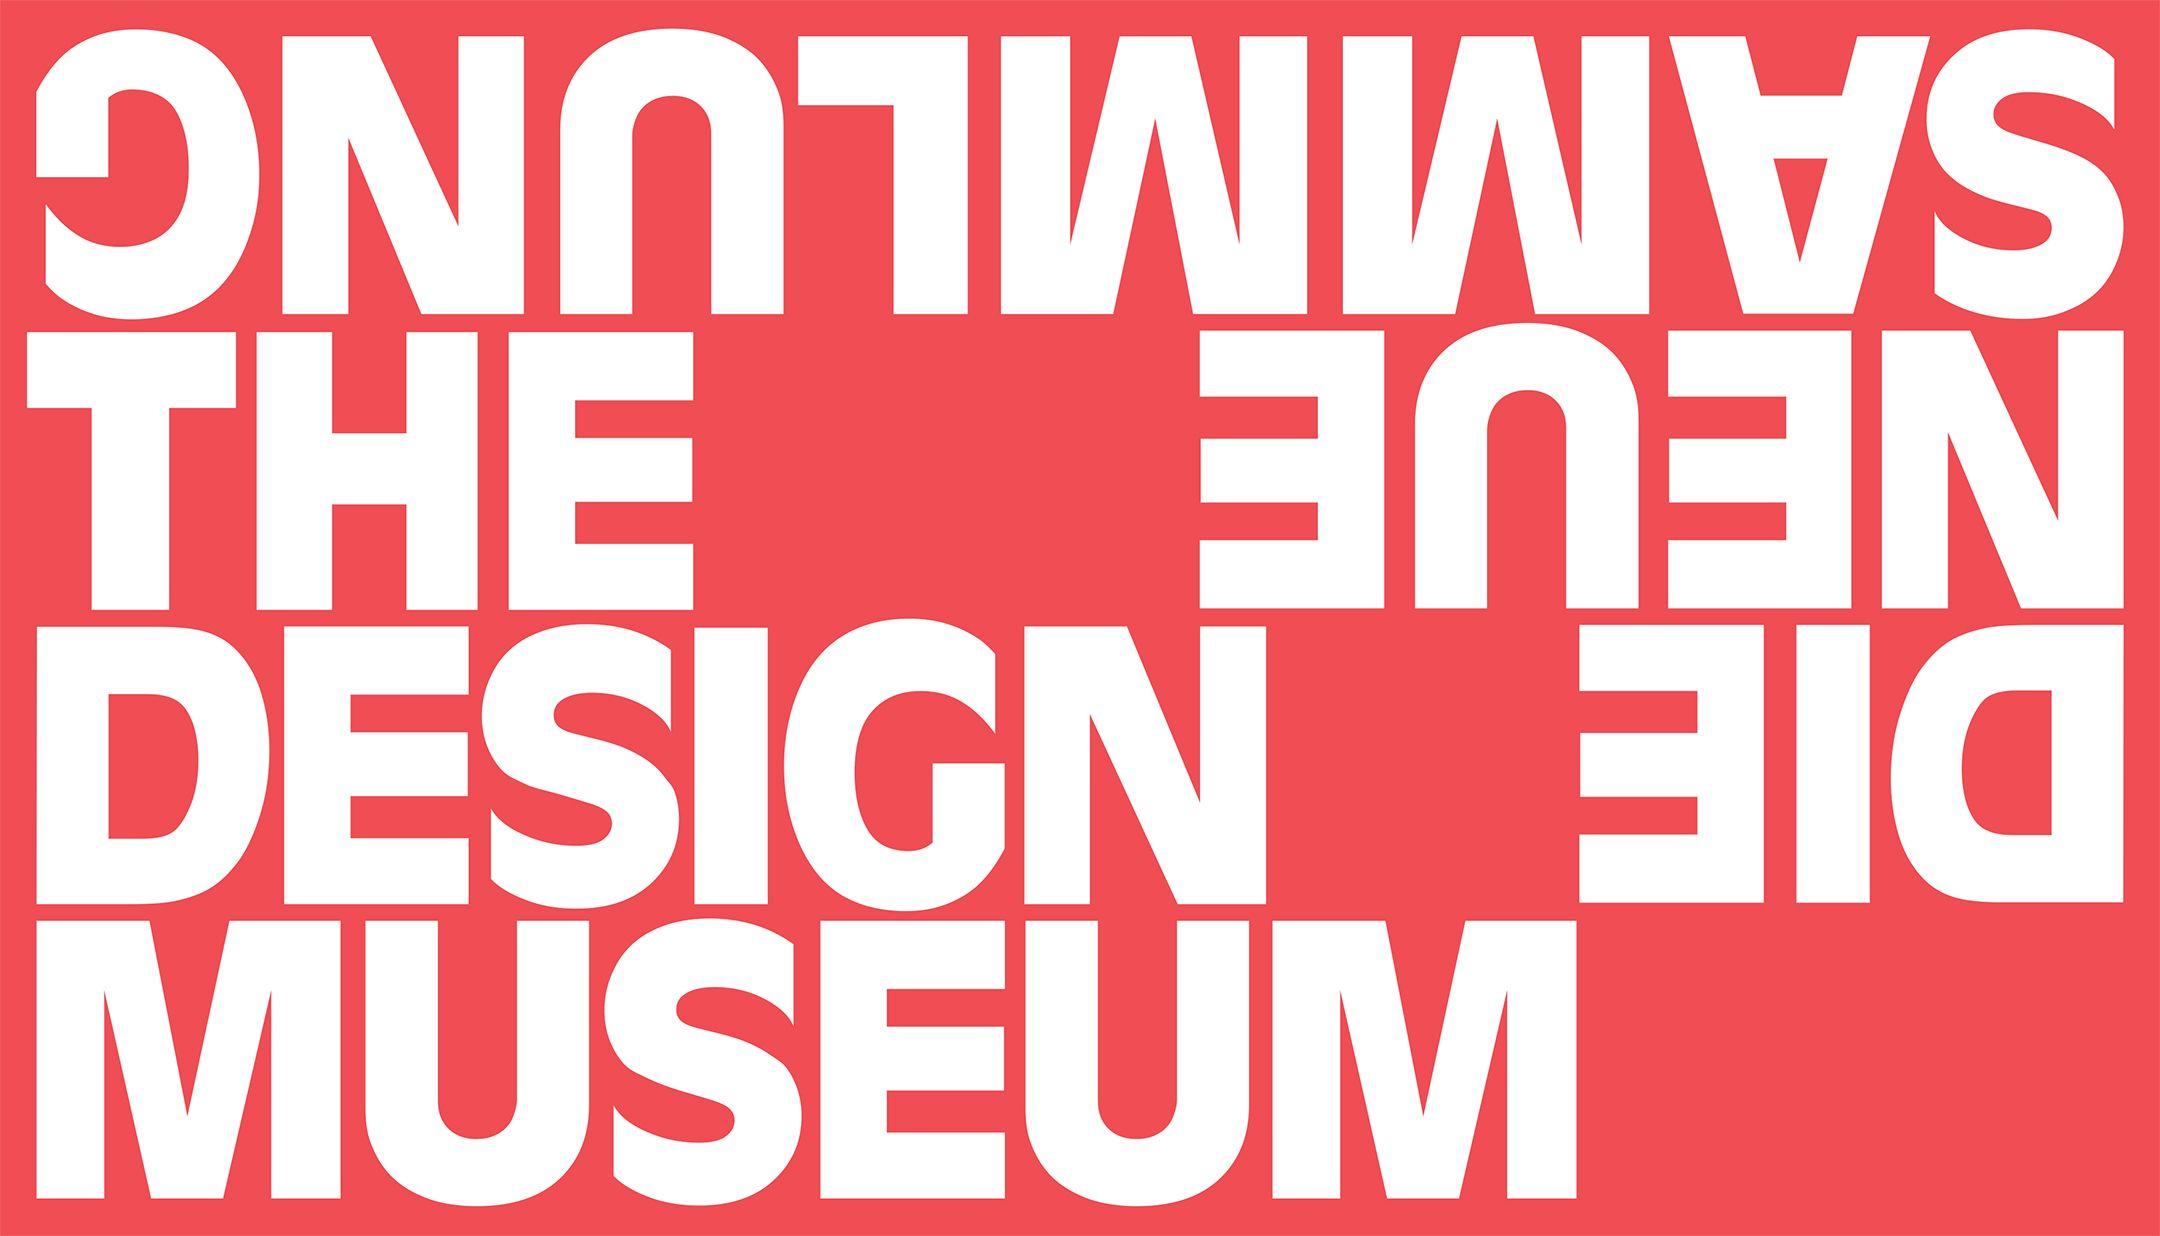 Die Neue Sammlung By Bureau Borsche Design Museum Museum Identity Museum